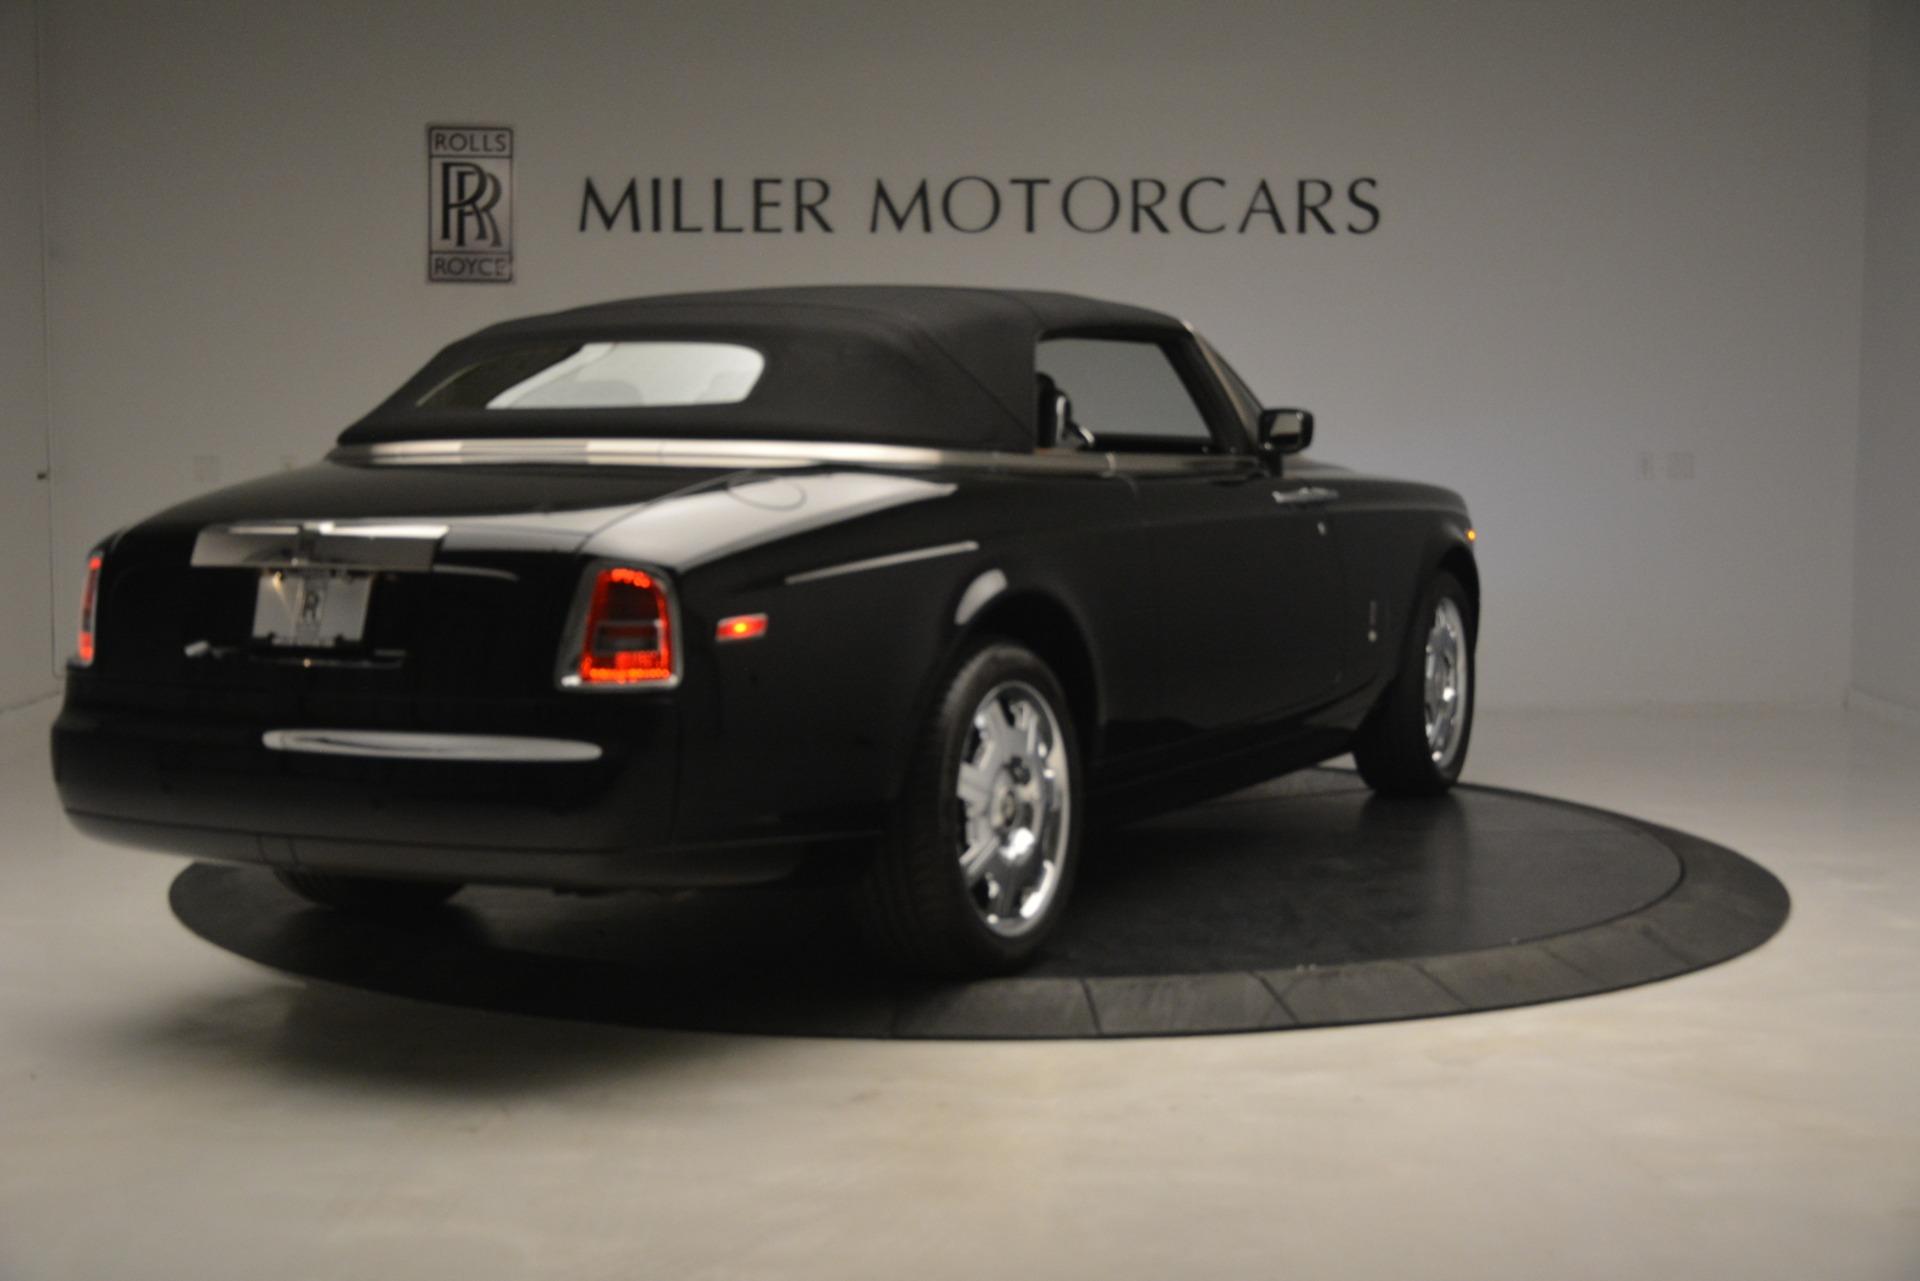 Used 2008 Rolls-Royce Phantom Drophead Coupe  For Sale In Westport, CT 3000_p38